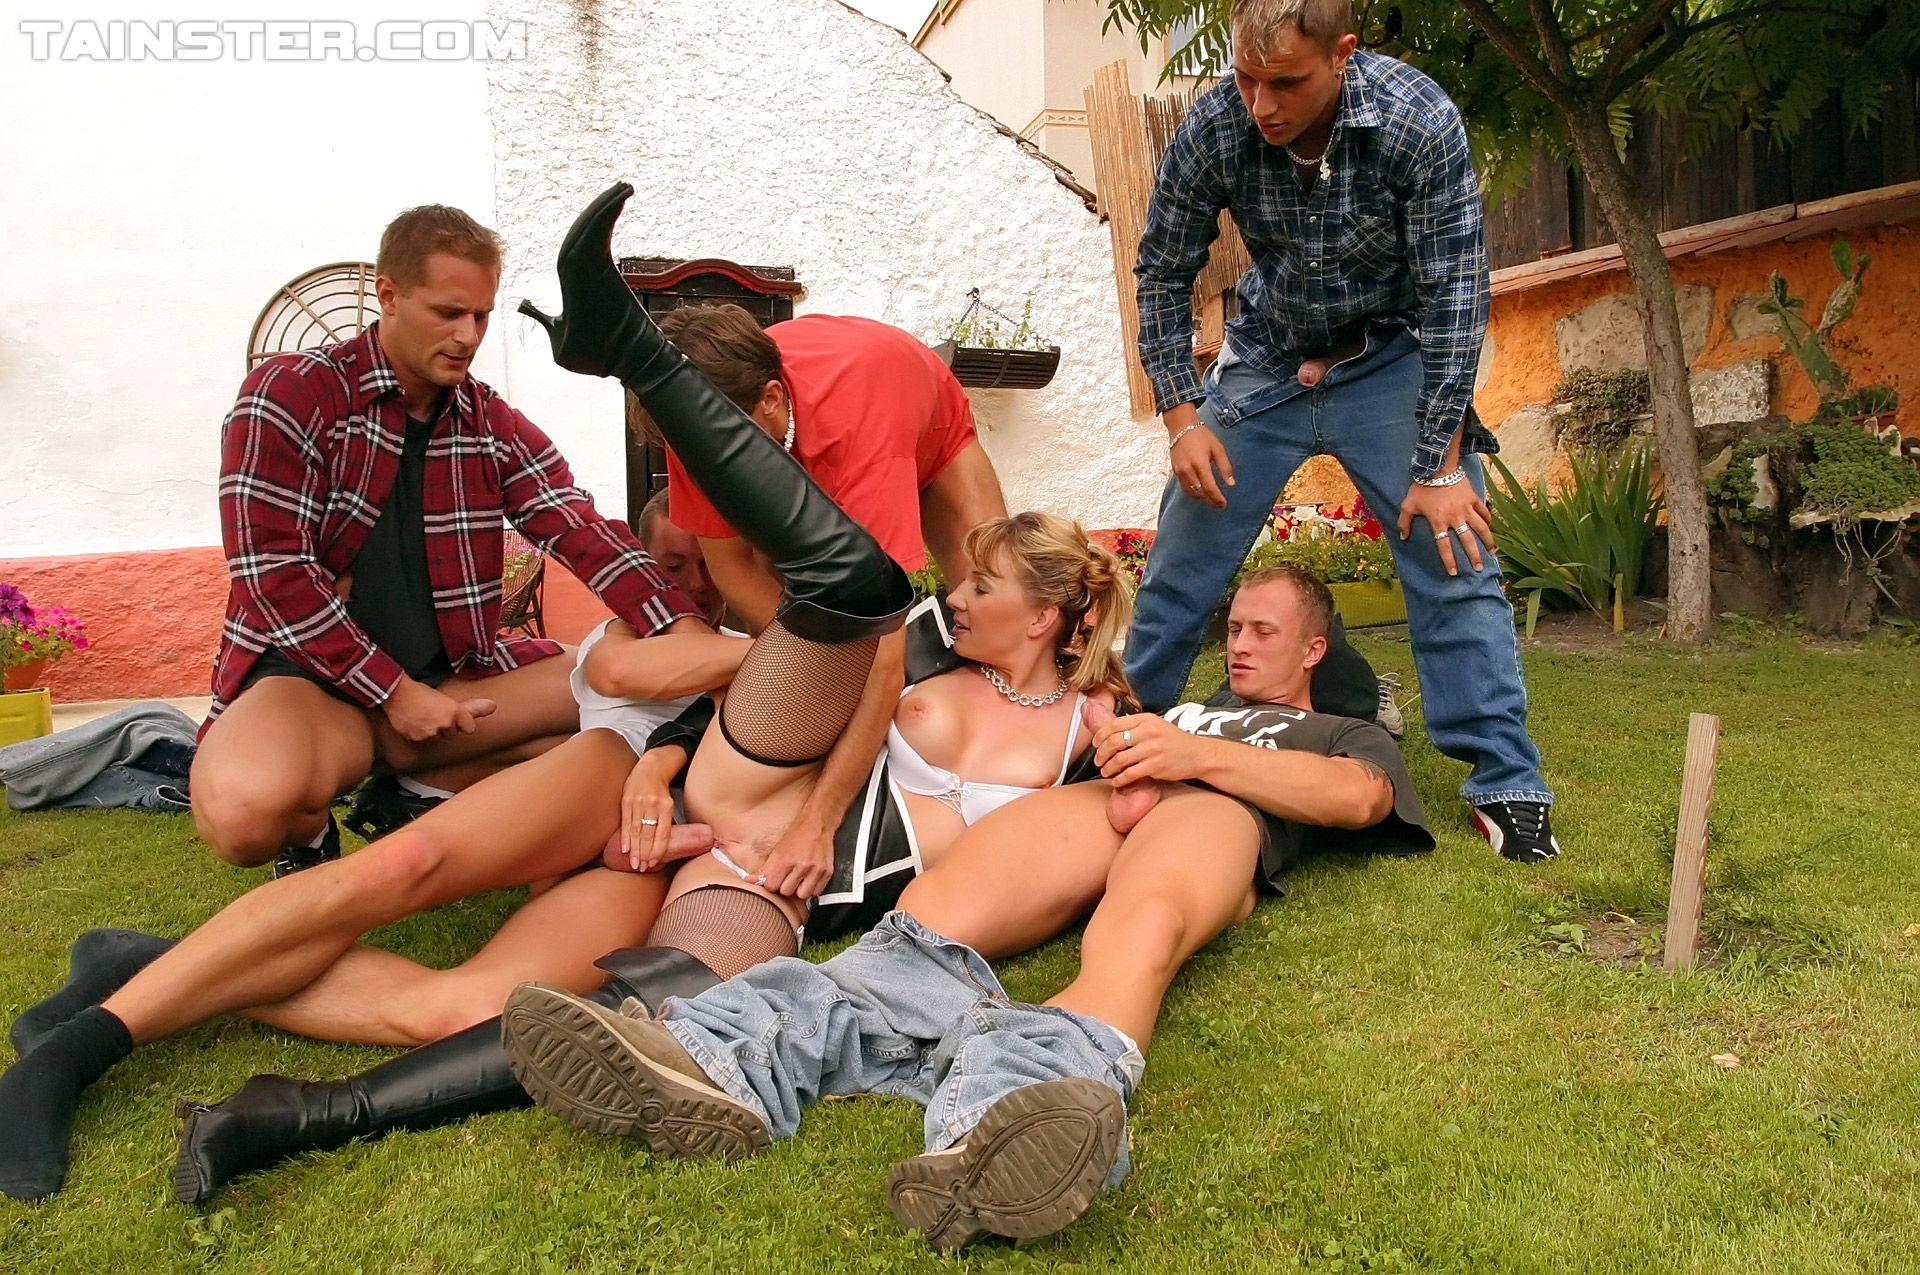 Great Gang Bang Outside Porn Pics Moveis